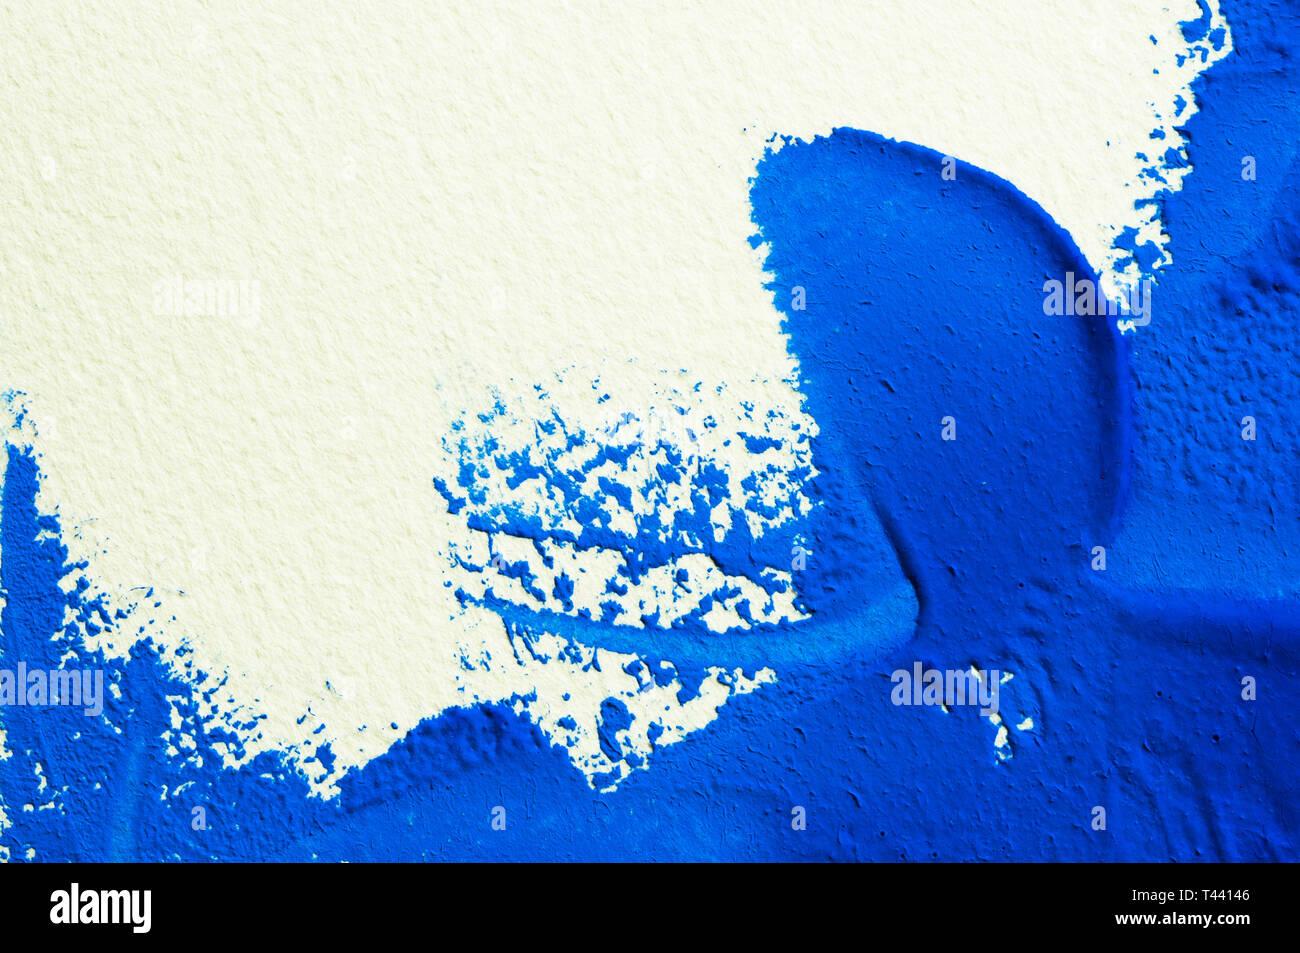 Malerei_sw - Stock Image